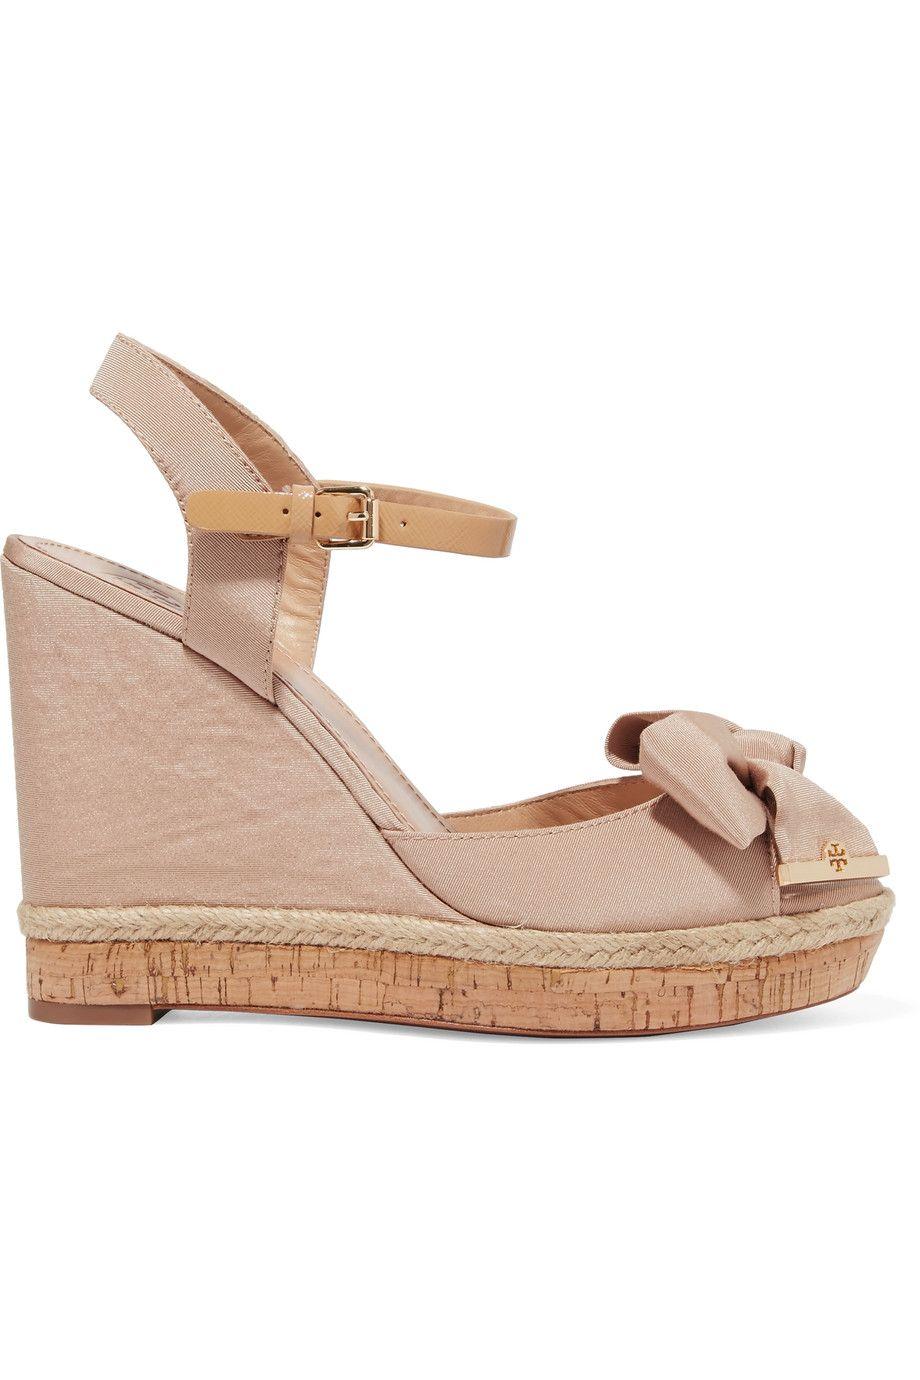 e2bc683c2d4b0d  toryburch  shoes  sandals